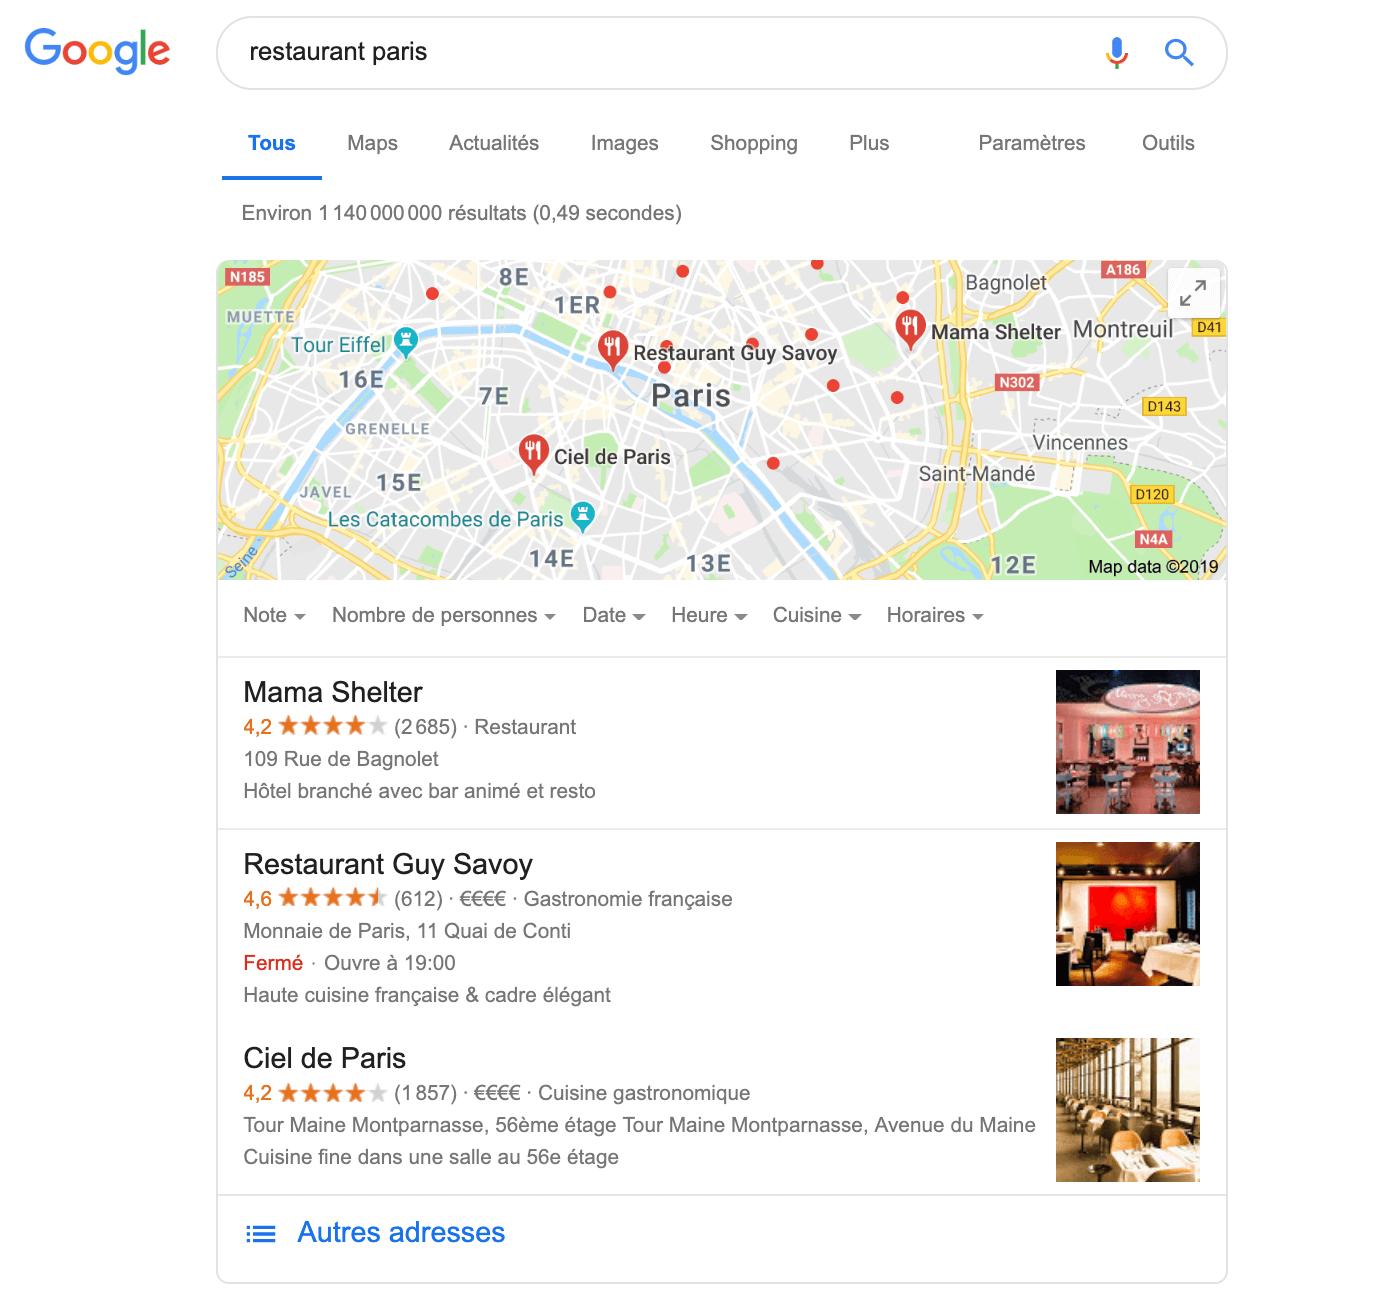 Referencement Restaurant Paris Optimize 360